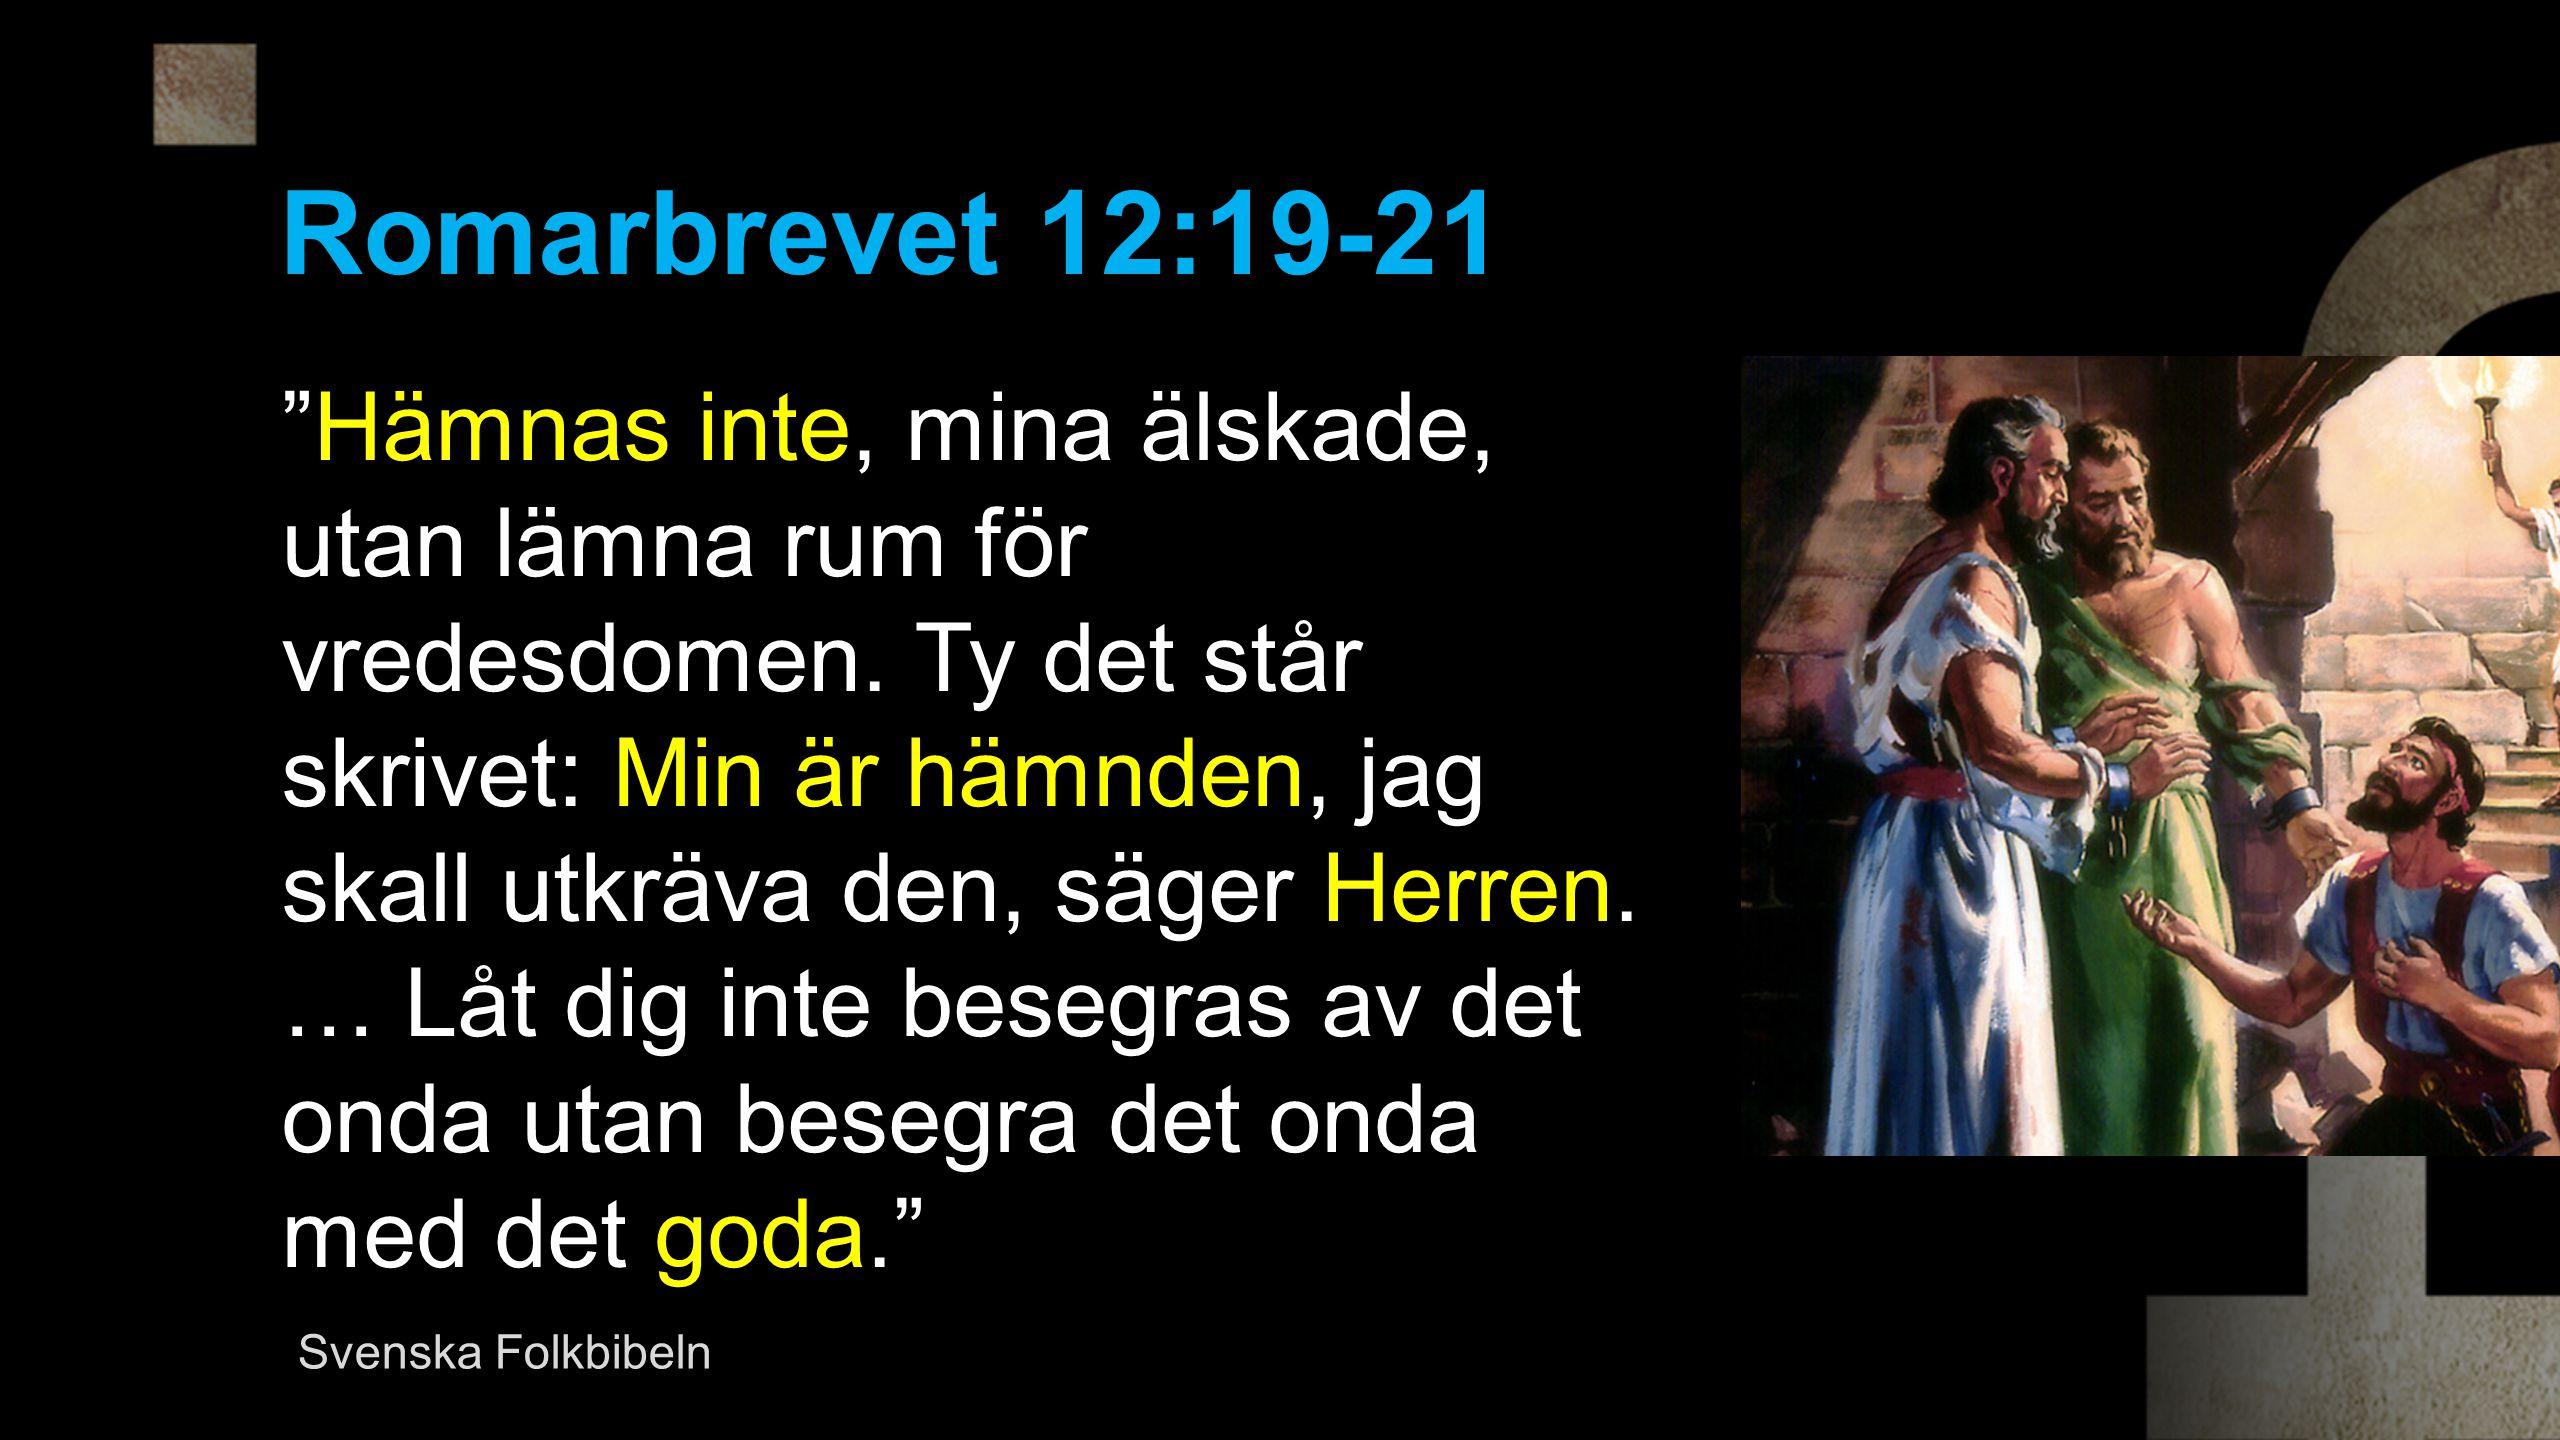 Romarbrevet 12:19-21